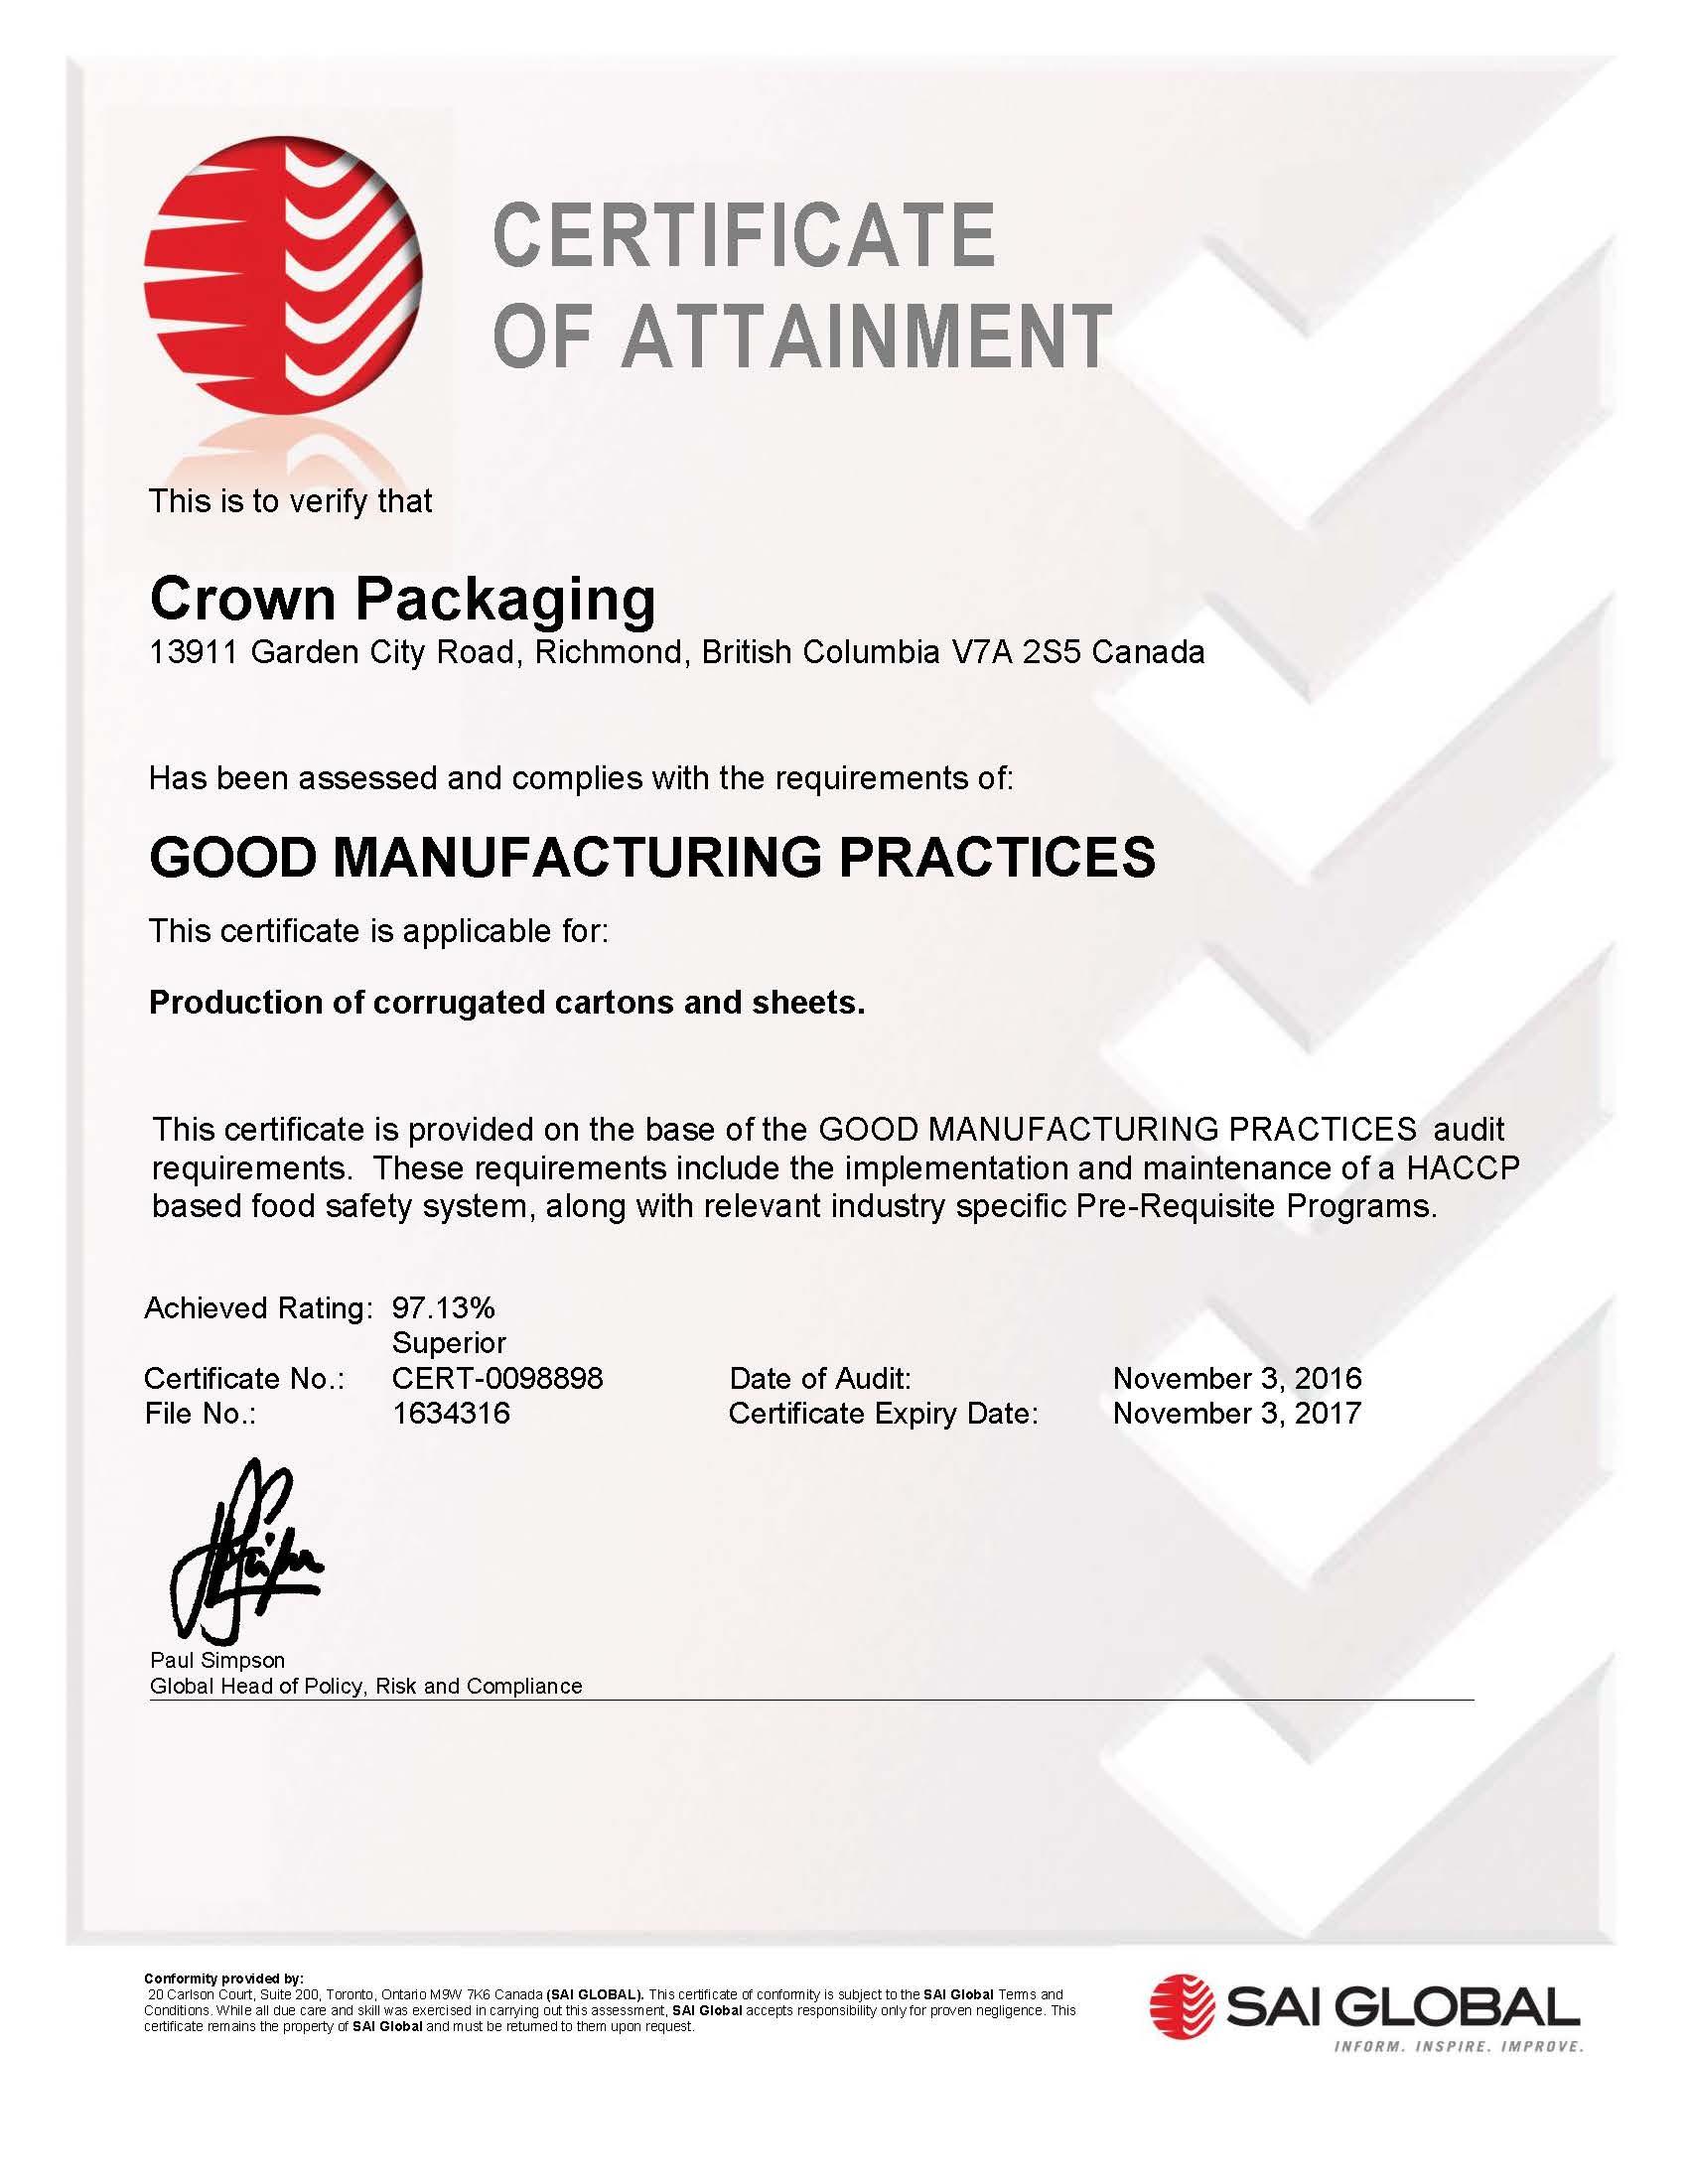 cert-2016-crown-packaging-file-1634316-01